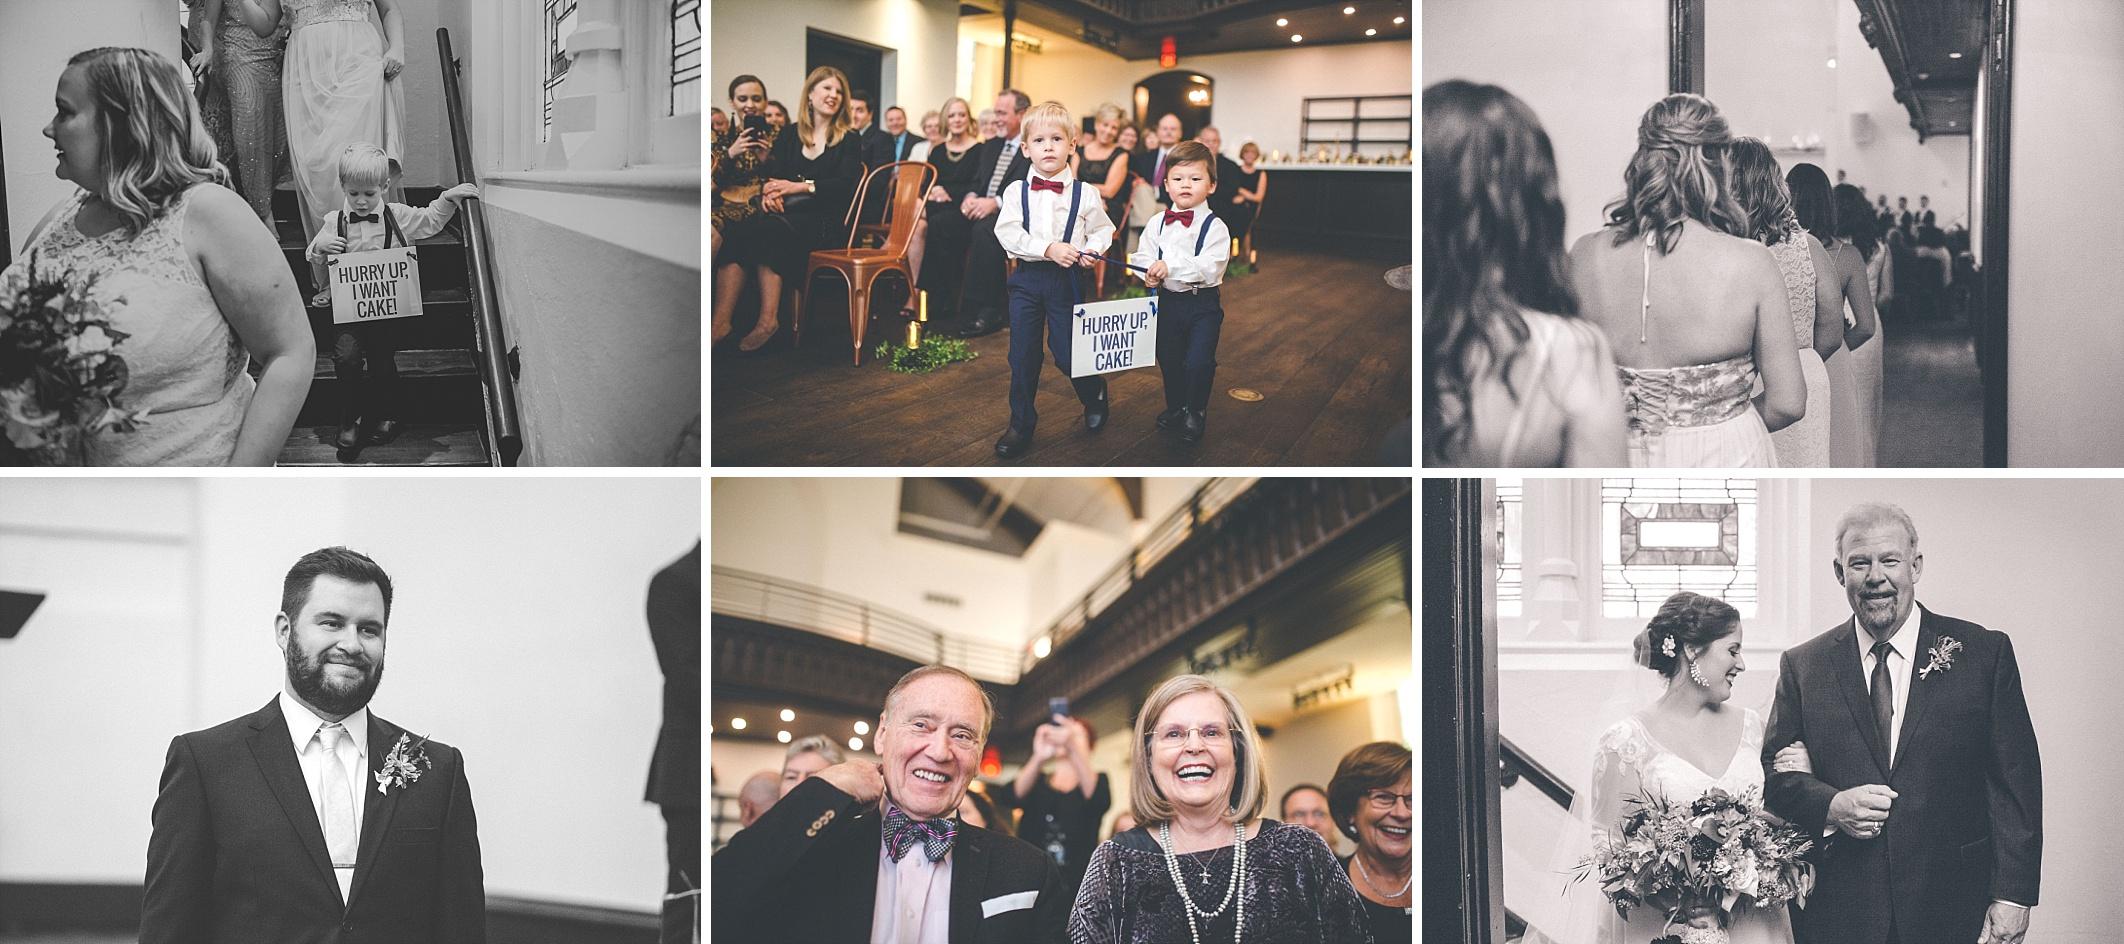 hilary-aaron-cincinnati-trancept-wedding-photographer-dayton-ohio_0029.jpg